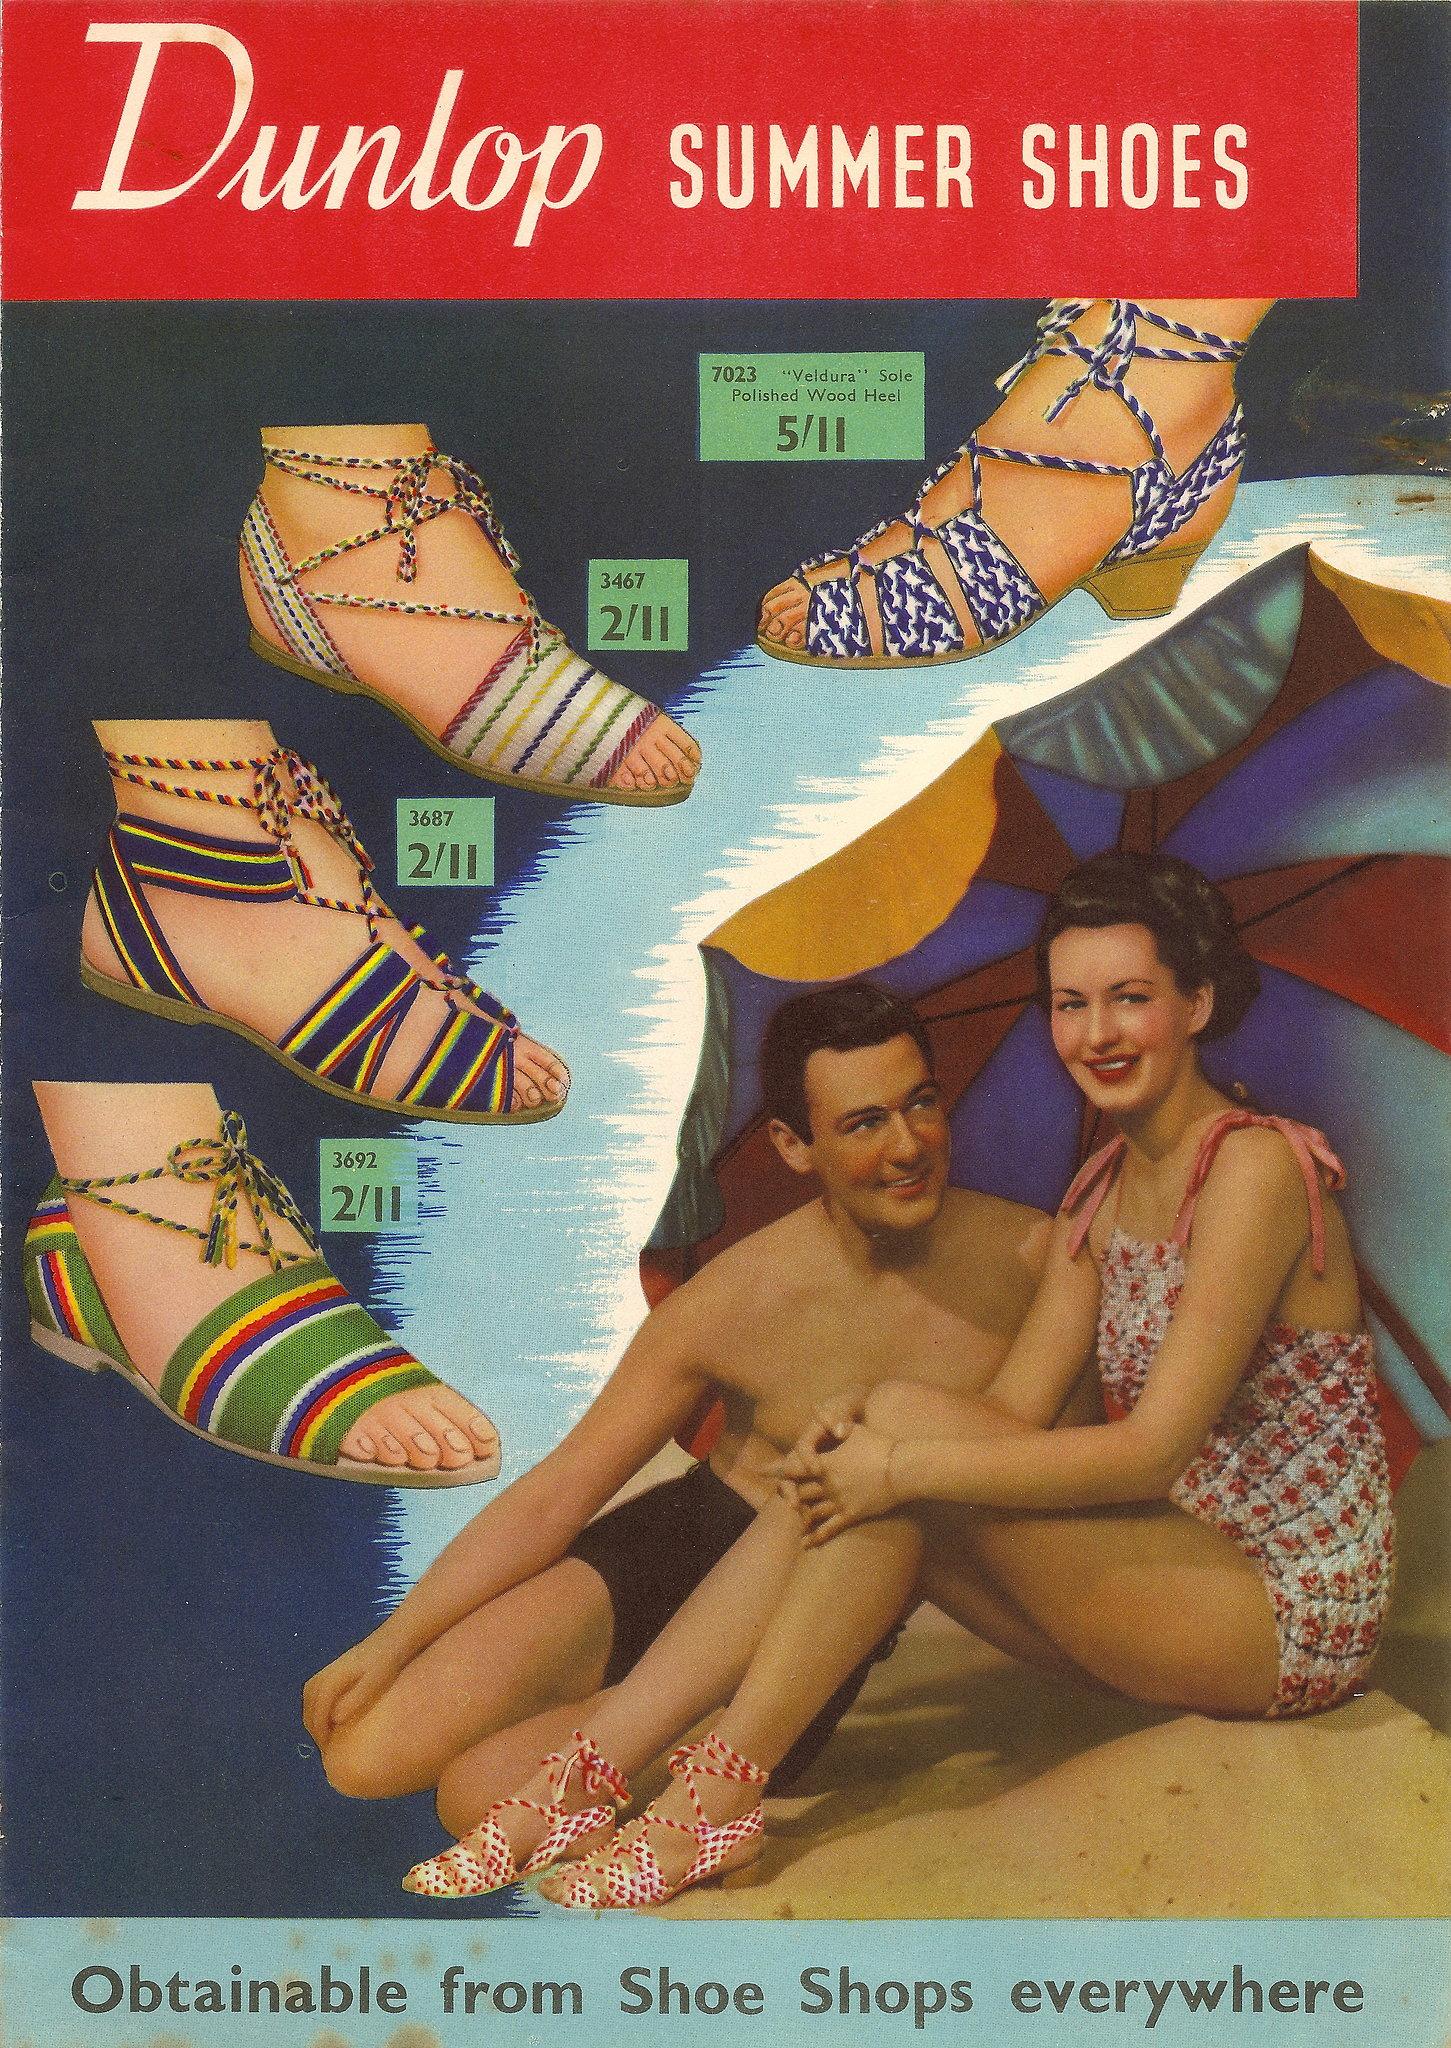 I'd wear 'em!